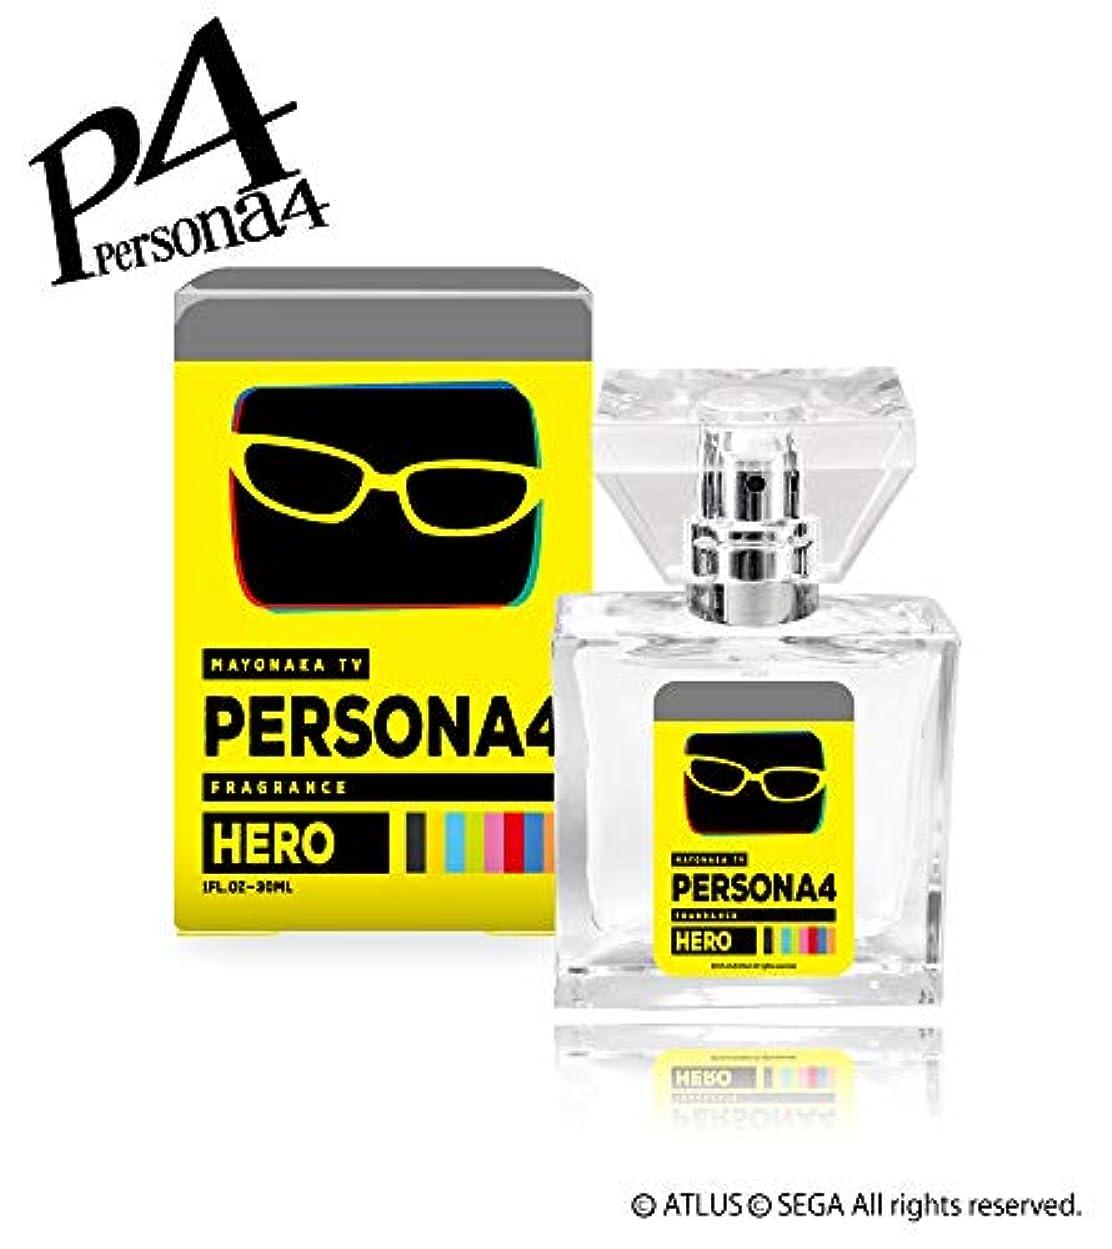 溶融バス血色の良いプリマニアックス ペルソナ4 フレグランス 01.主人公